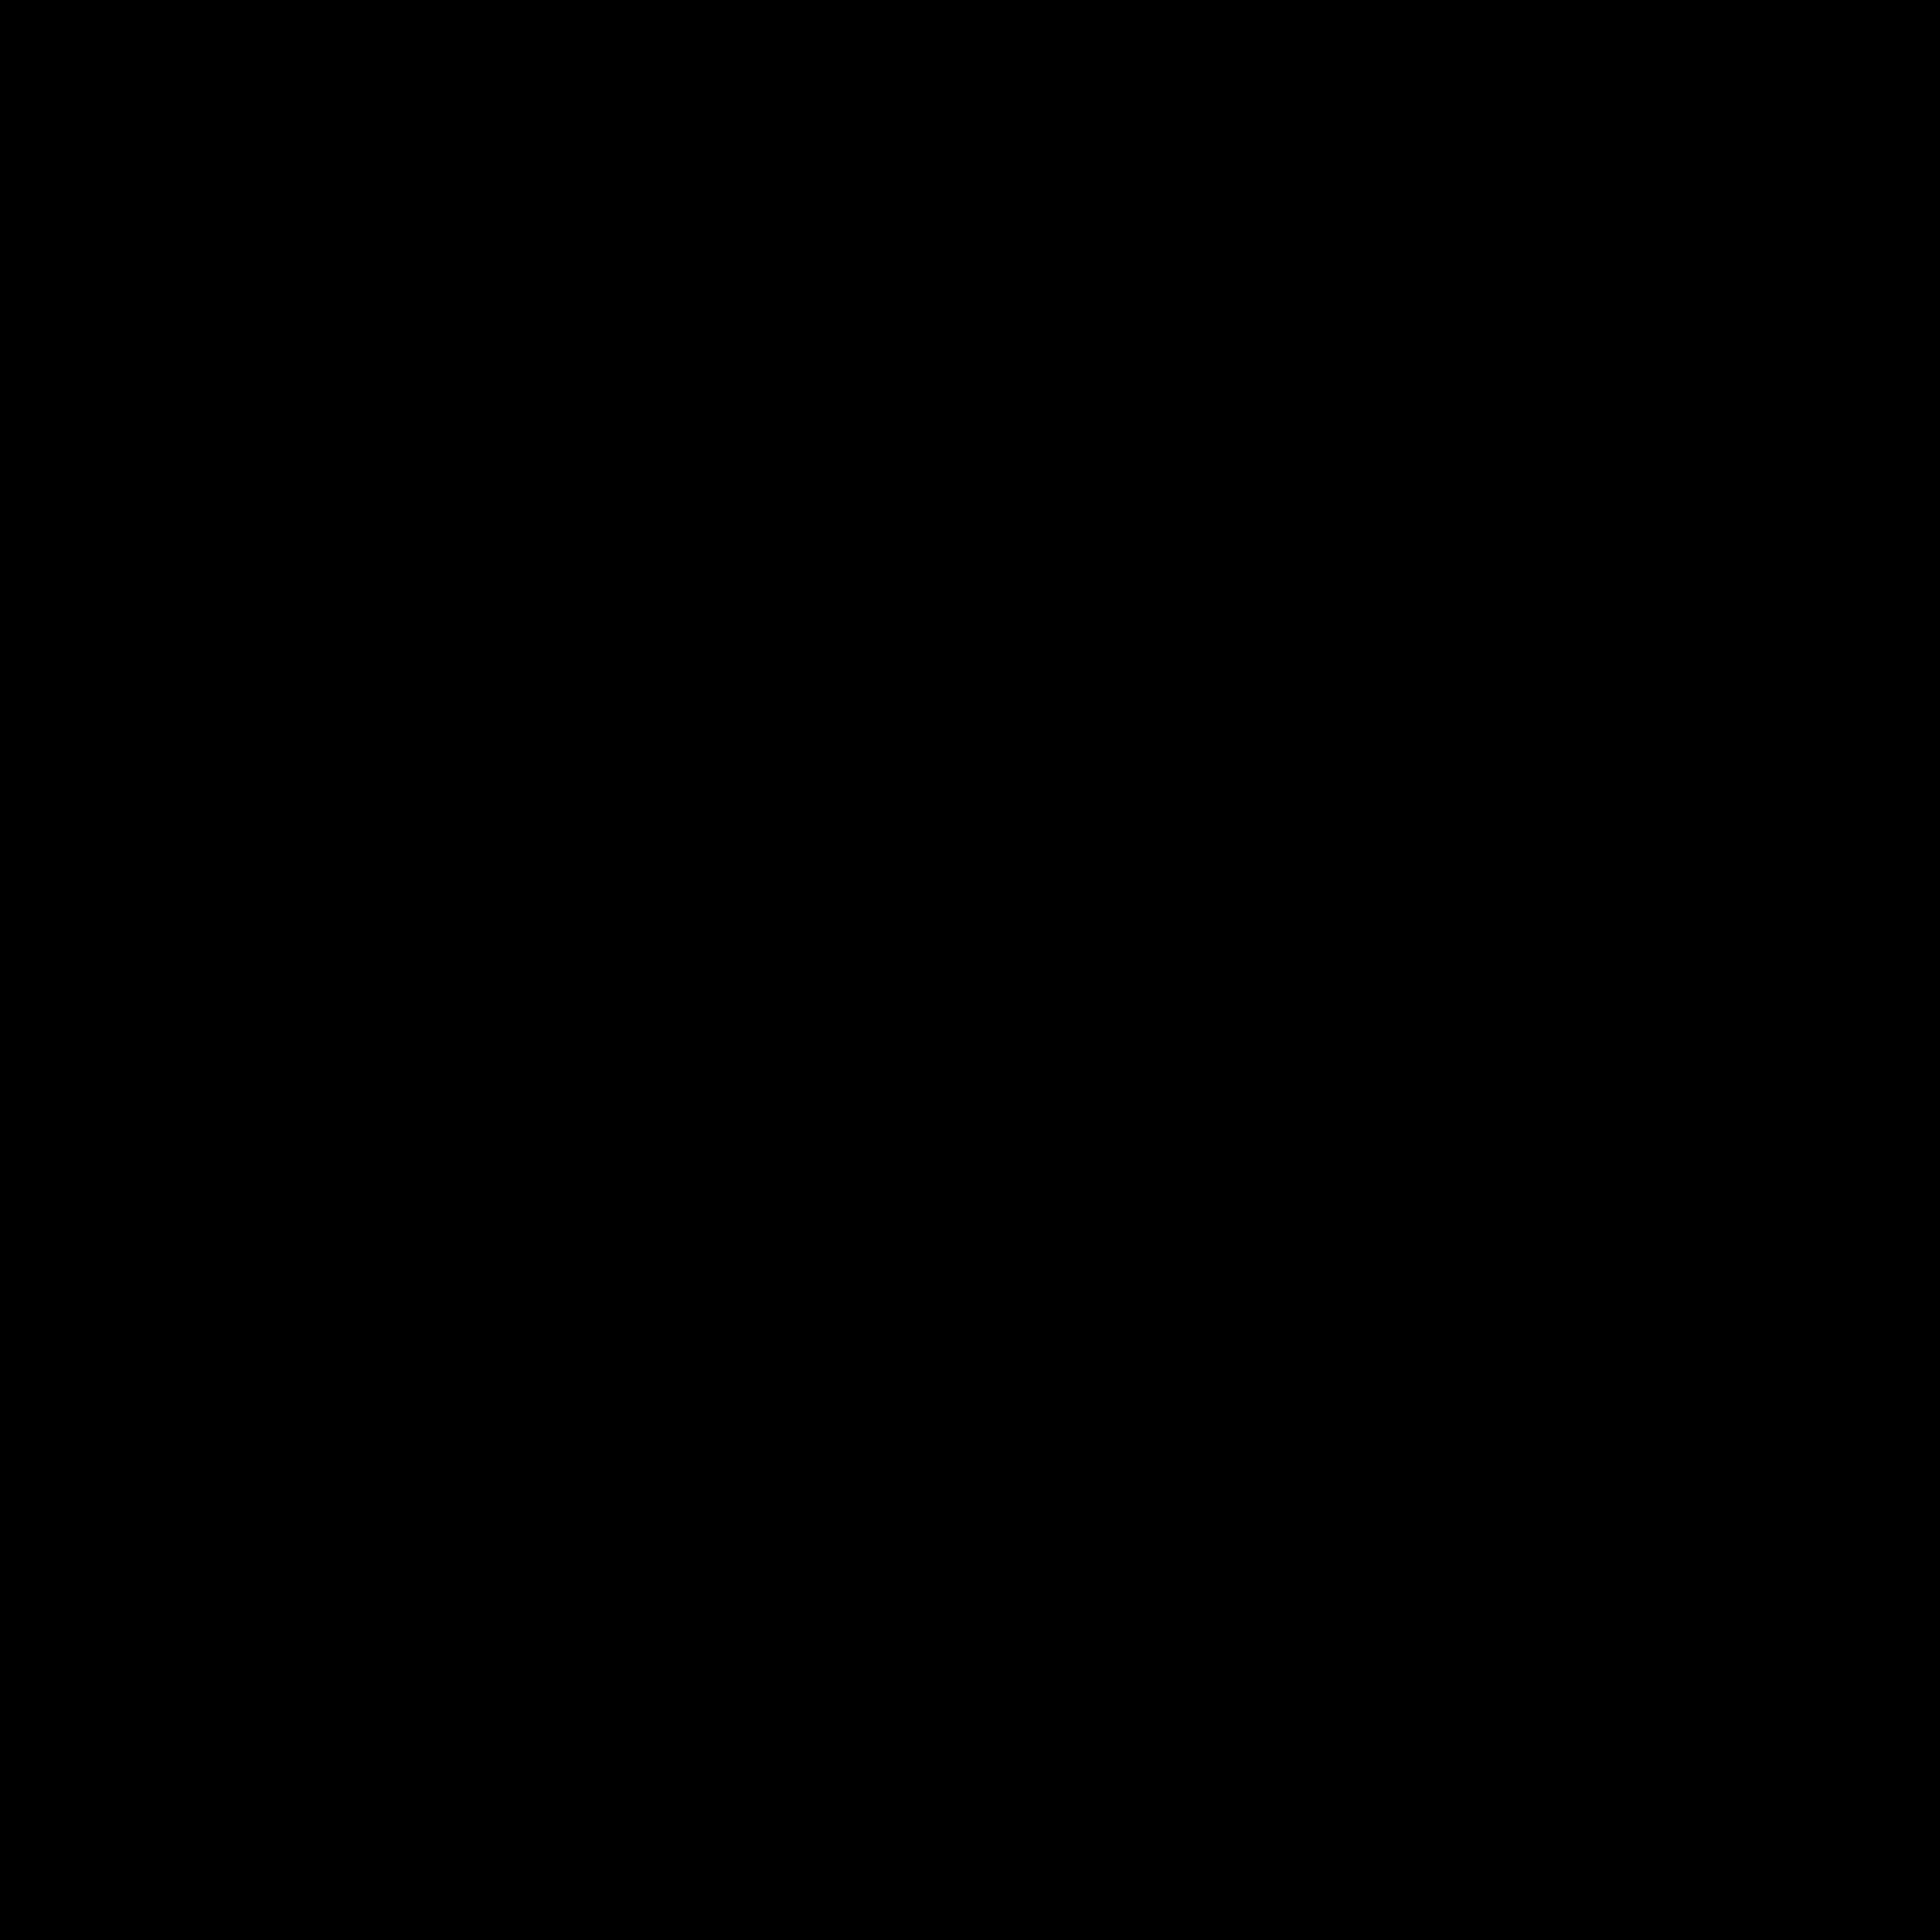 Spotify, Black icon